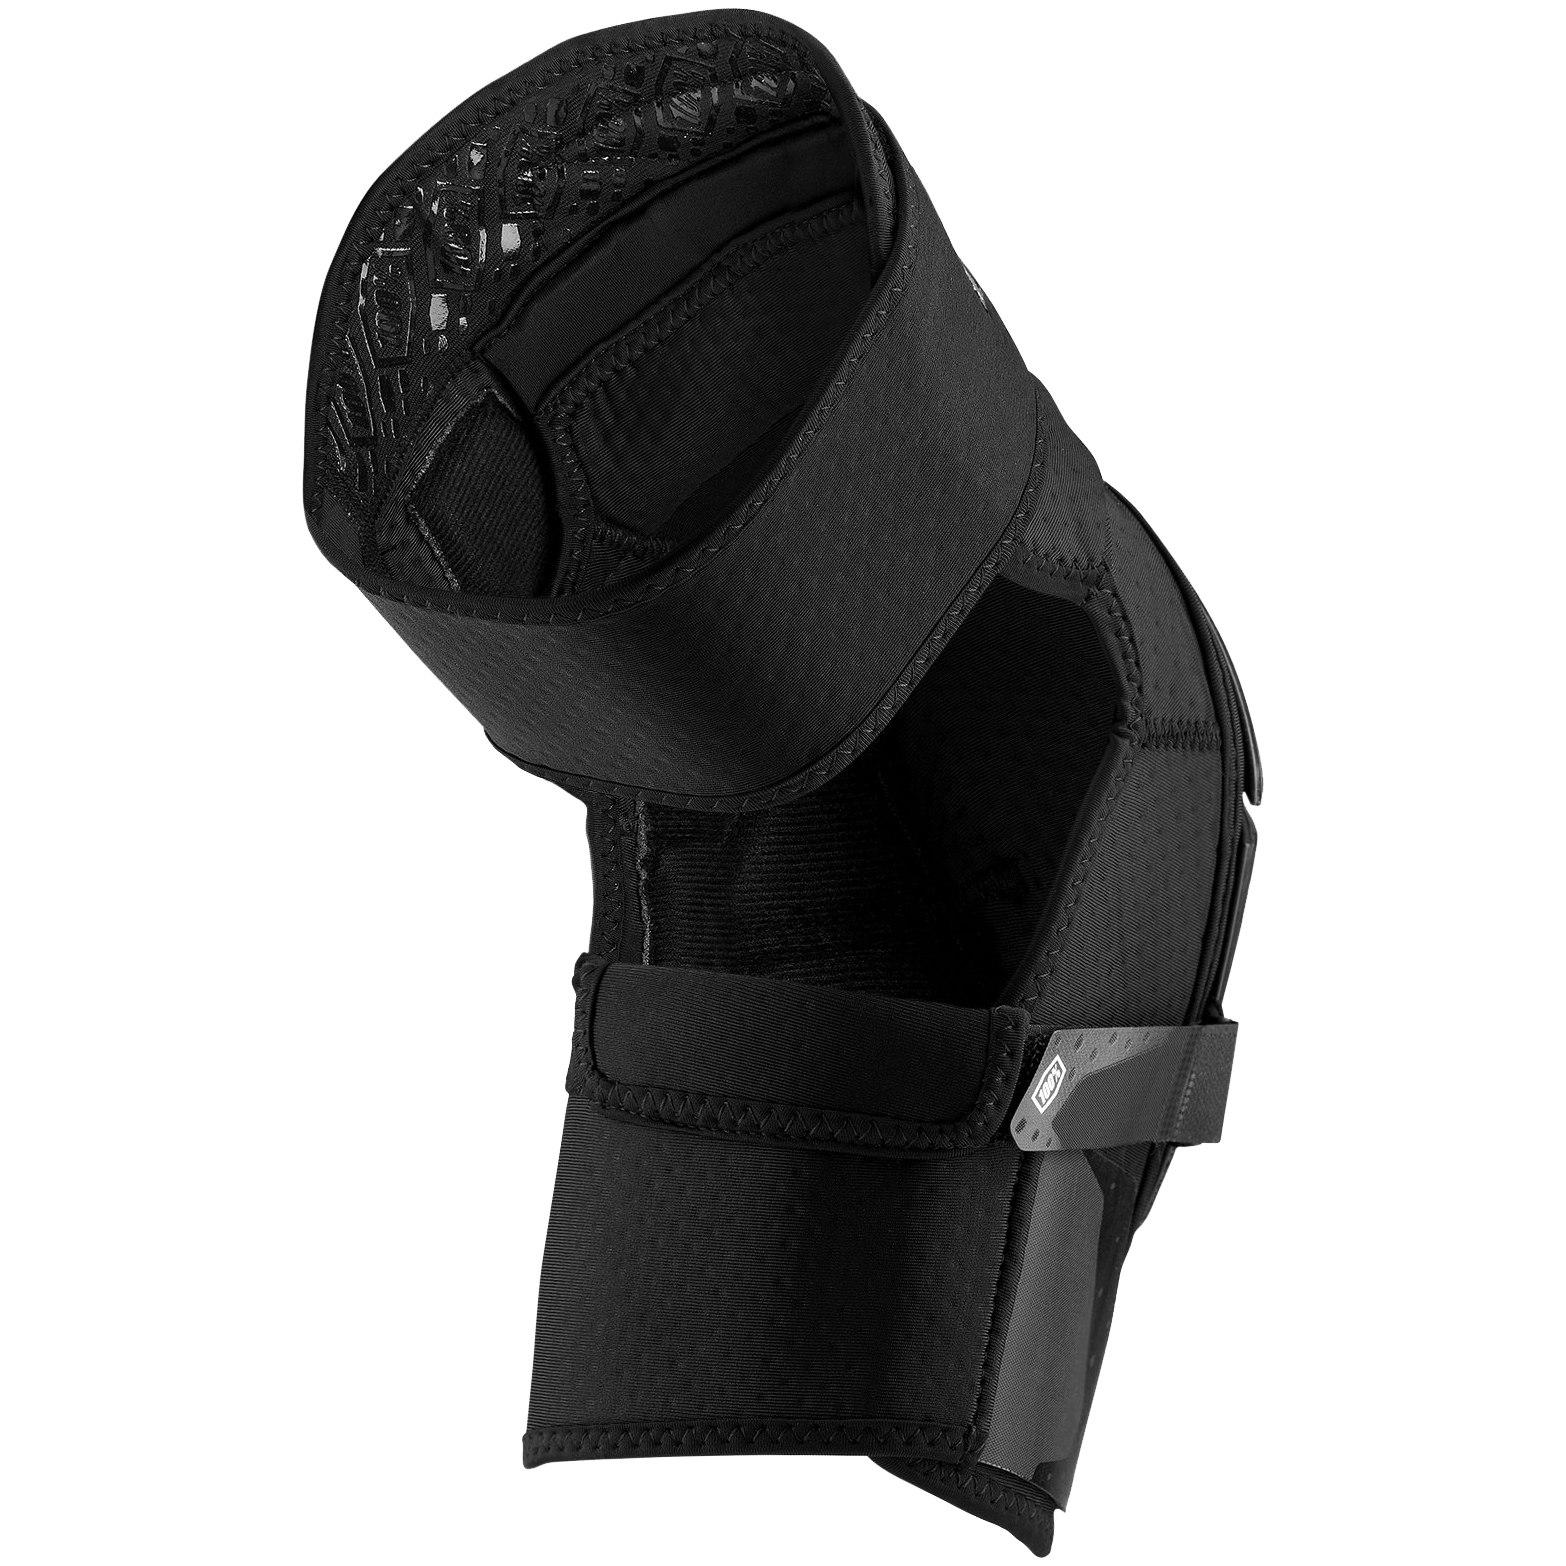 Imagen de 100% Fortis Knee Guard - Black